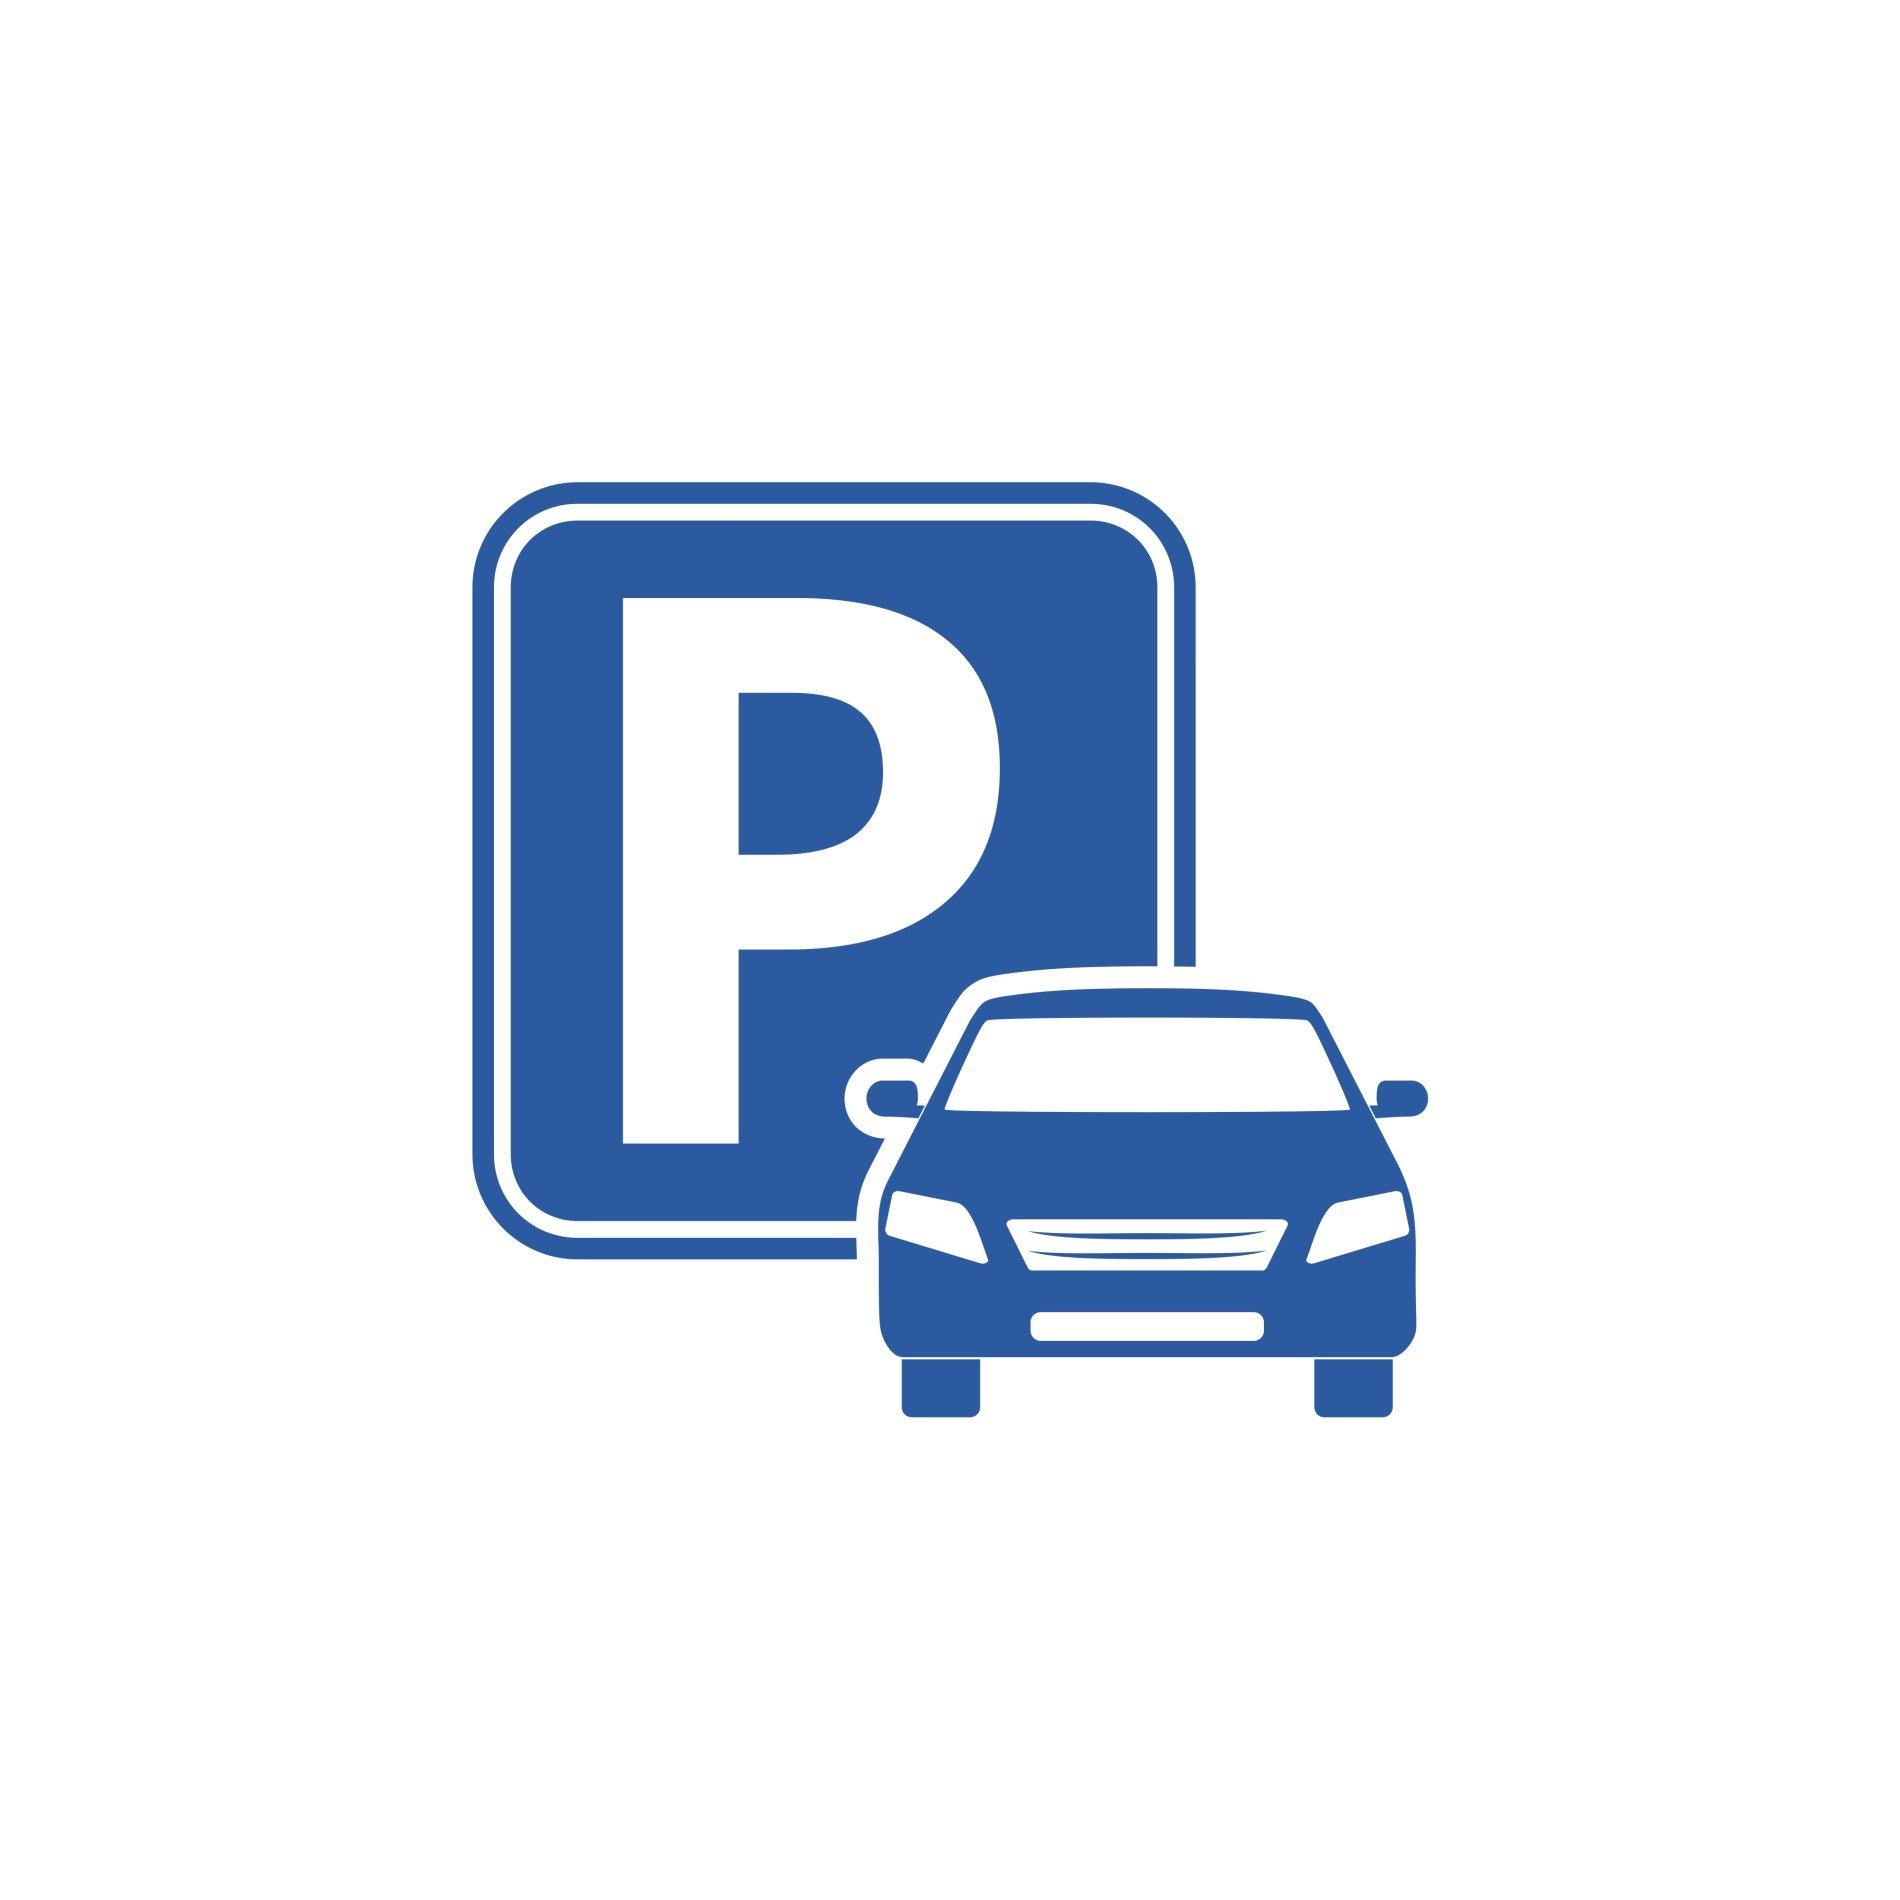 Seepark Parkplatz Süd